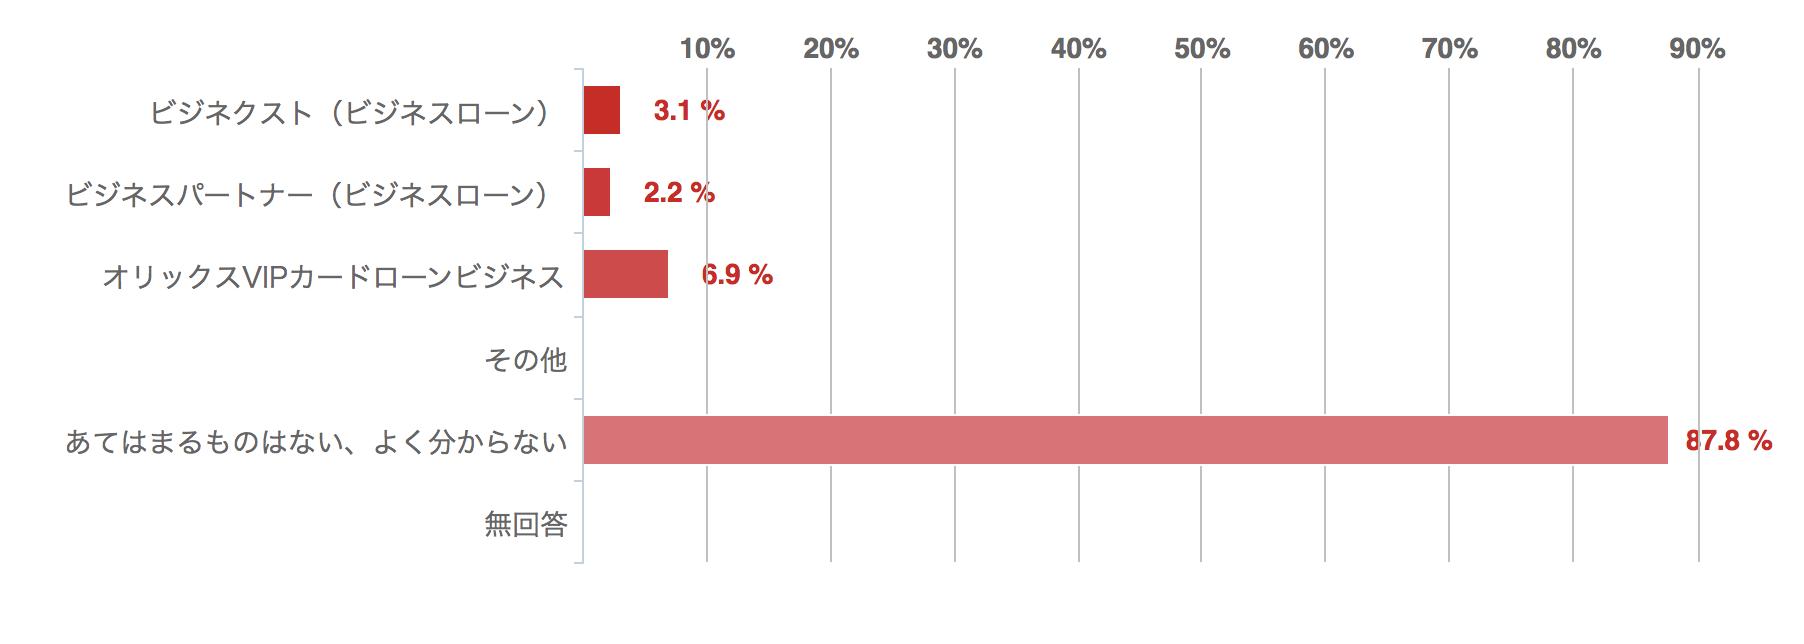 次のビジネスローンのうち、知っているものがあれば教えてください回答グラフ